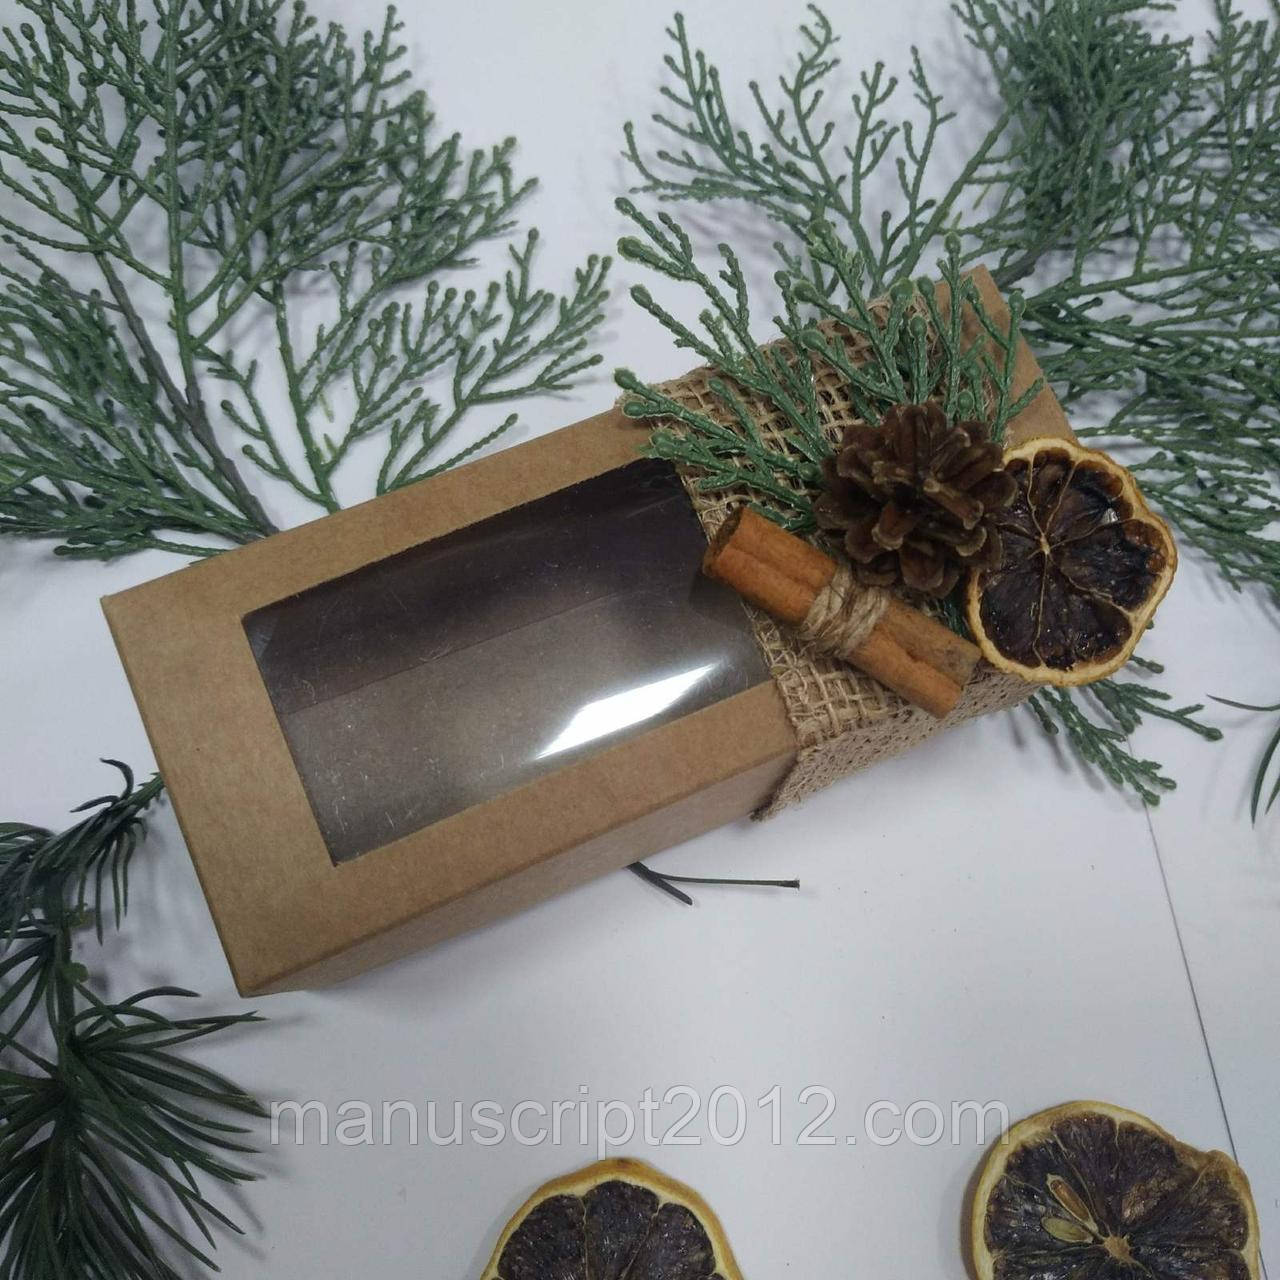 Коробка з новорічним декором 140х55х50 мм.